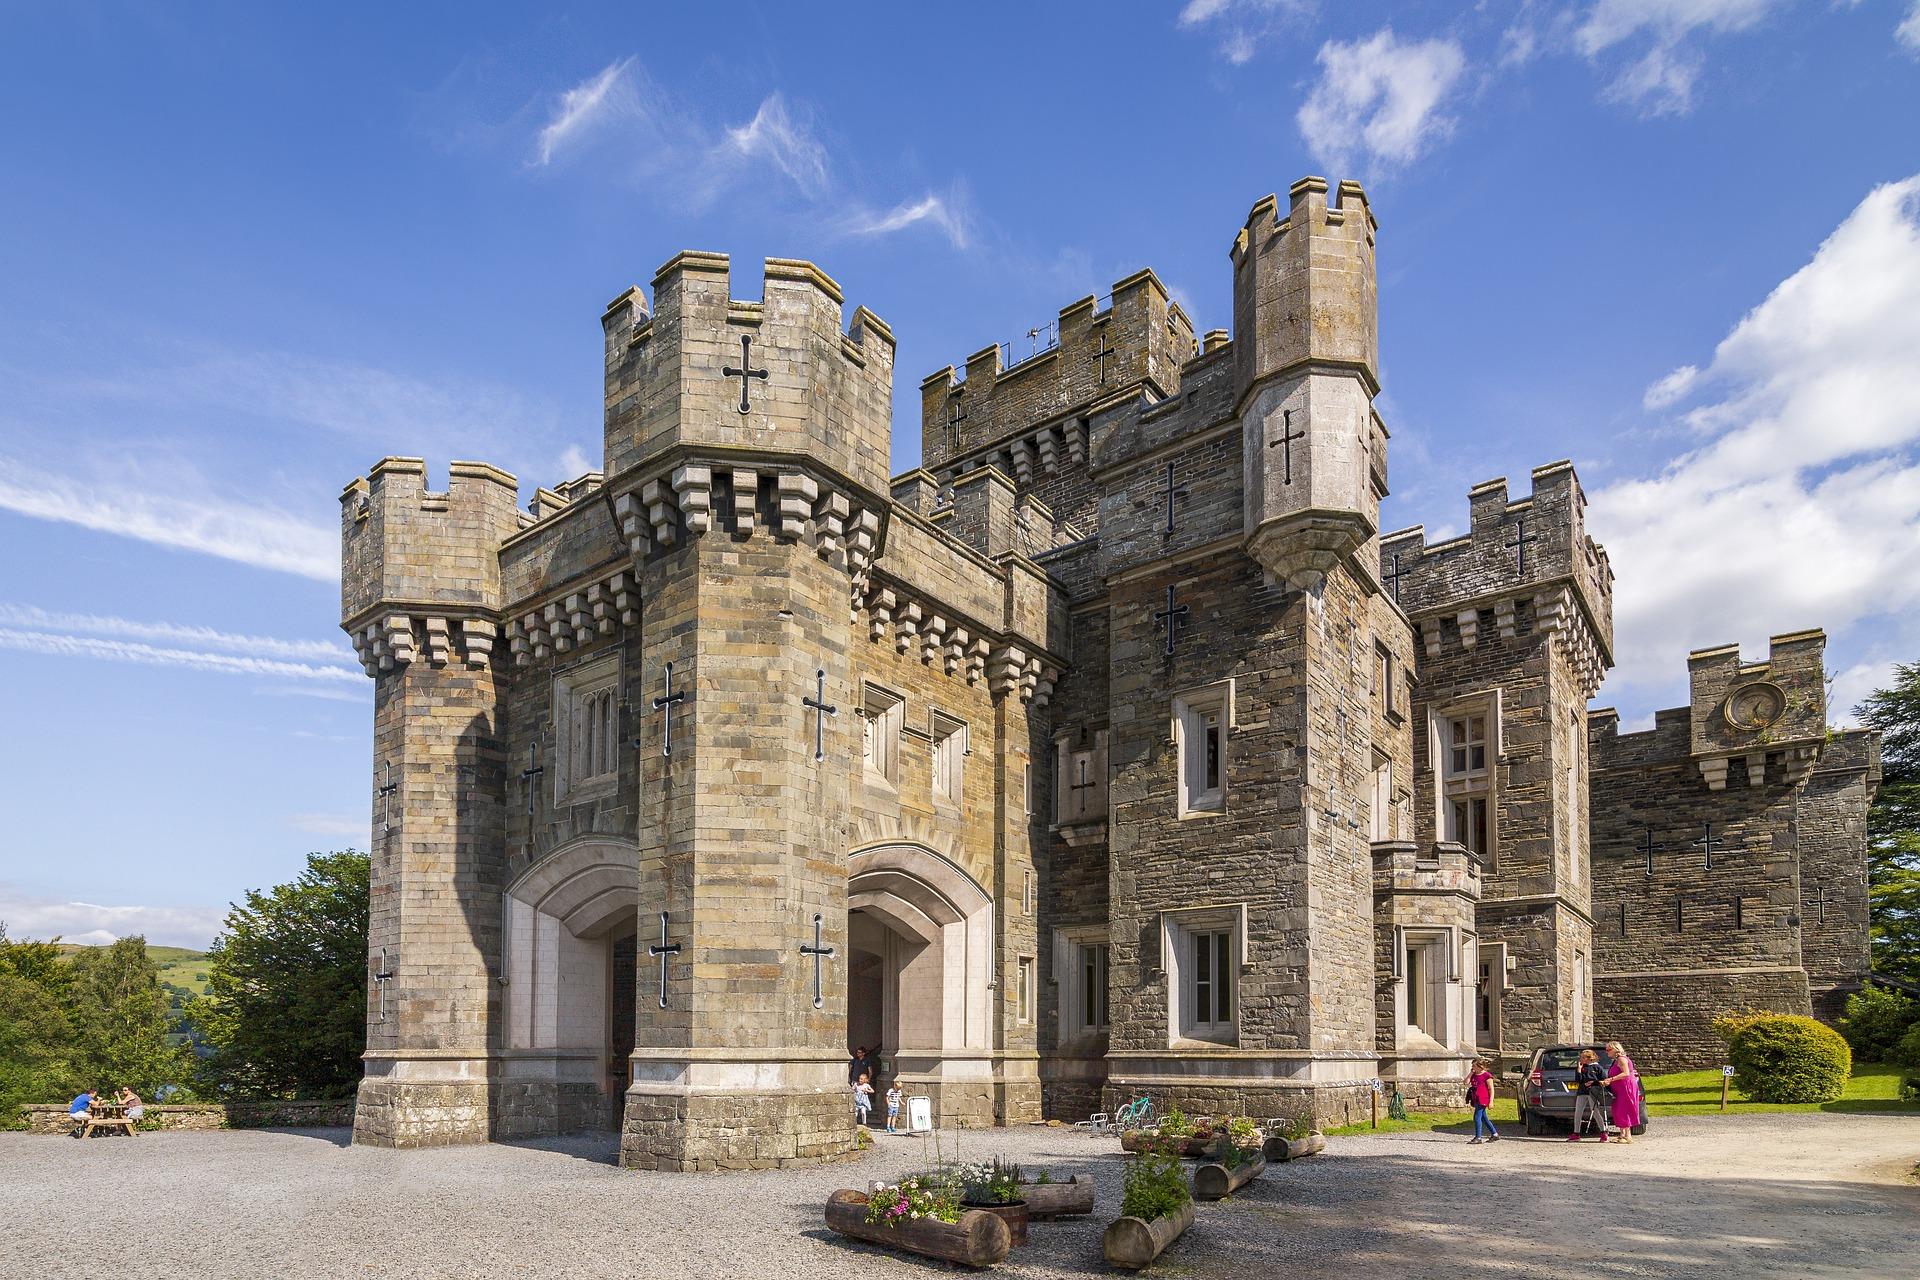 castle-4645126_1920 (1)